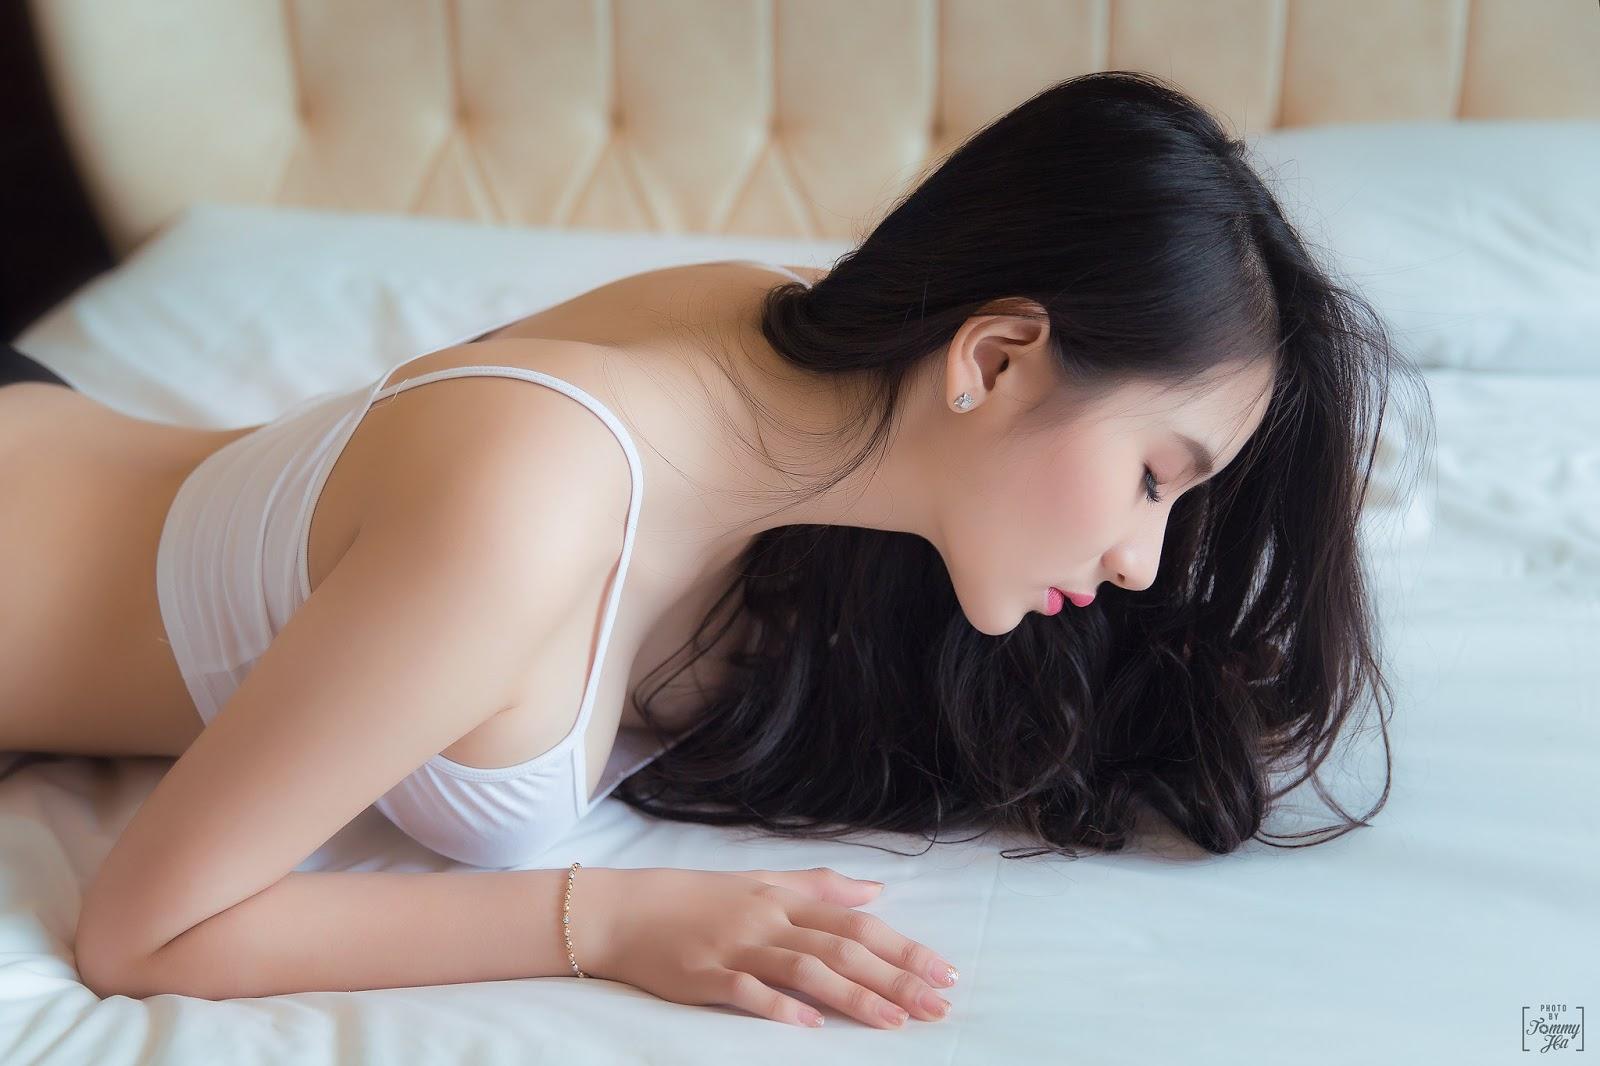 Thề gian ai đẹp như em @BaoBua: Việt Nam Sexy Girl